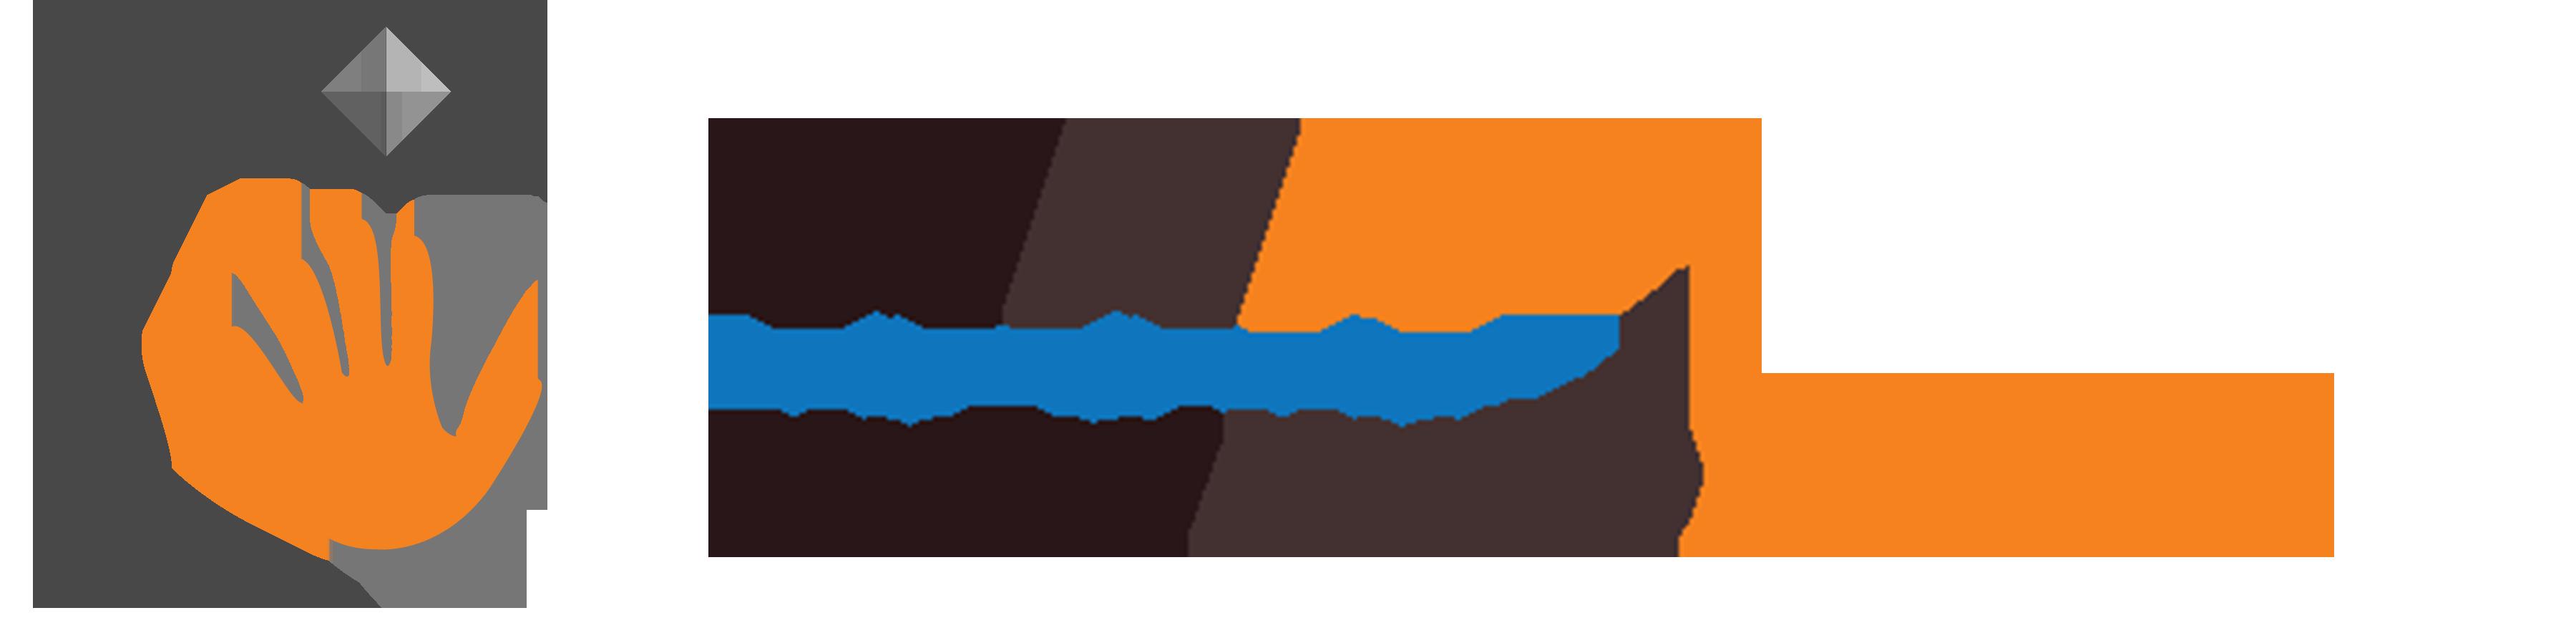 MMM 3D